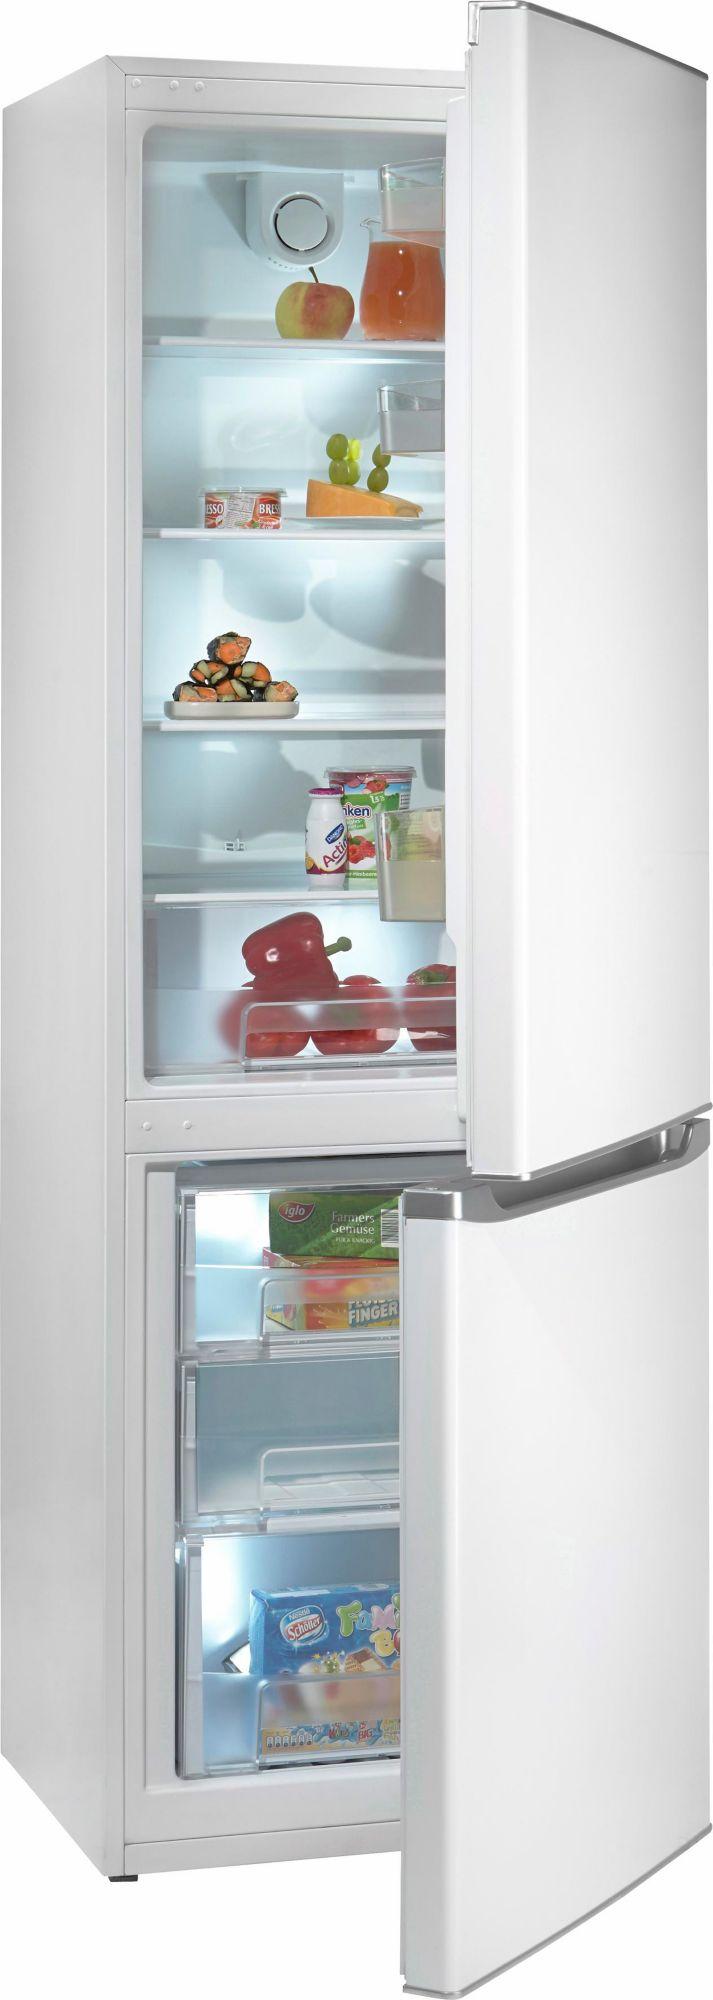 Kuehlschrank günstig online kaufen beim Schwab Versand -> Kühlschrank Bunt